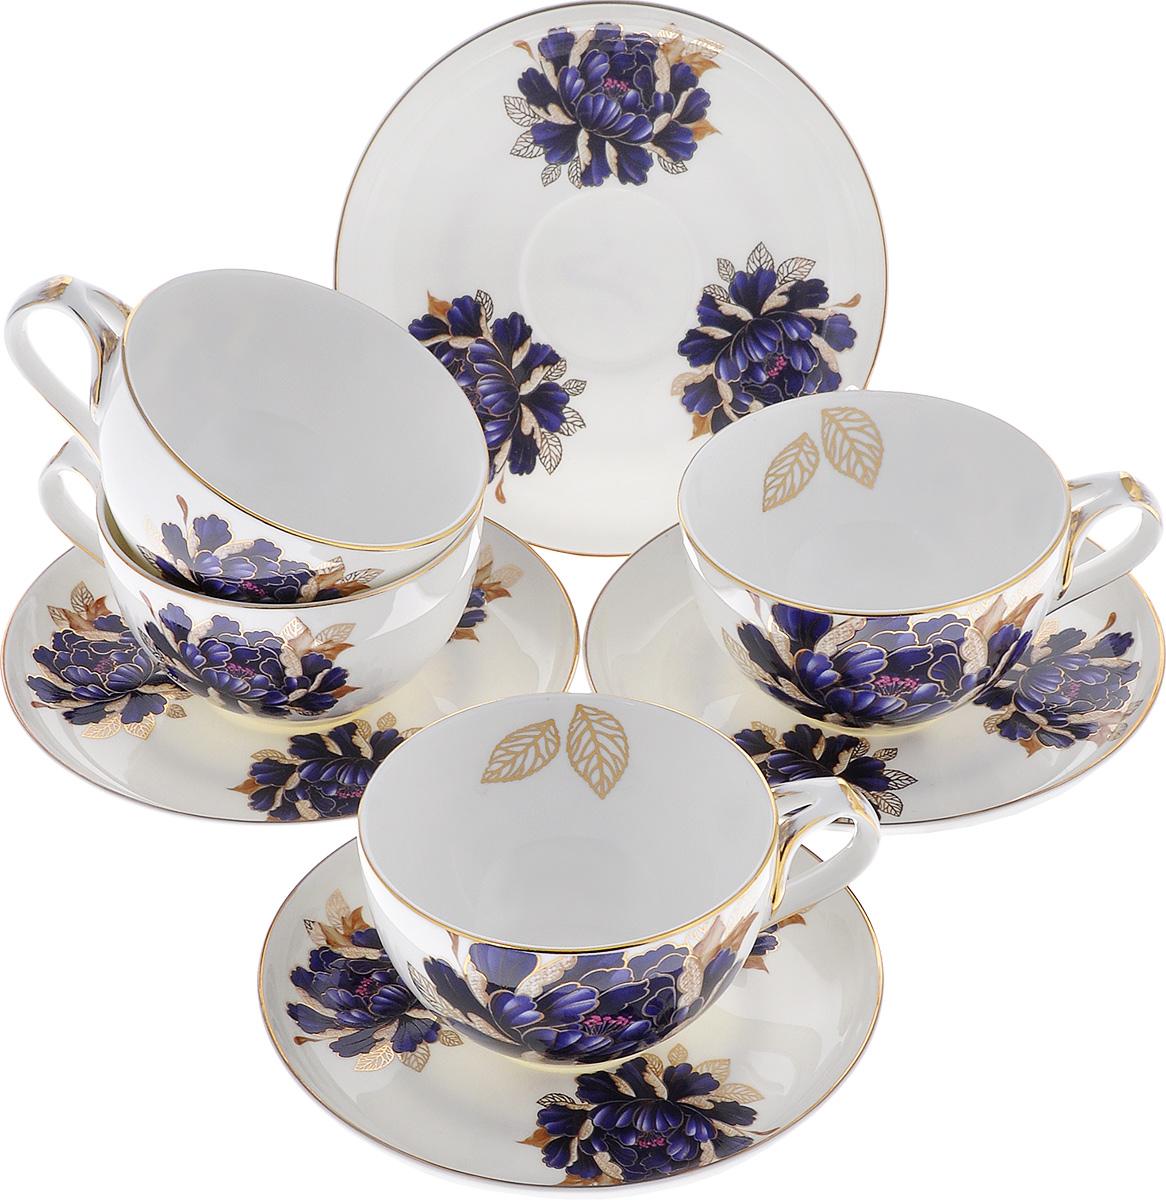 Набор чайный Lillo Синий пион, 8 предметовVT-1520(SR)Чайный набор Lillo Синий пион состоит из 4 чашек и 4 блюдец, выполненных из высококачественного фарфора. Изделия украшены изображением синего пиона и золотистой эмалью. Набор имеет изысканную форму и потрясающий утонченный дизайн. Идеально подойдет для домашнего праздничного чаепития. Набор упакован в подарочную коробку, задрапированную белой атласной тканью. Красивое оформление сделает такой набор идеальным подарком к любому случаю. Объем чашки: 250 мл. Диаметр чашки (по верхнему краю): 9 см. Высота чашки: 5,5 см. Диаметр блюдца: 14 см.